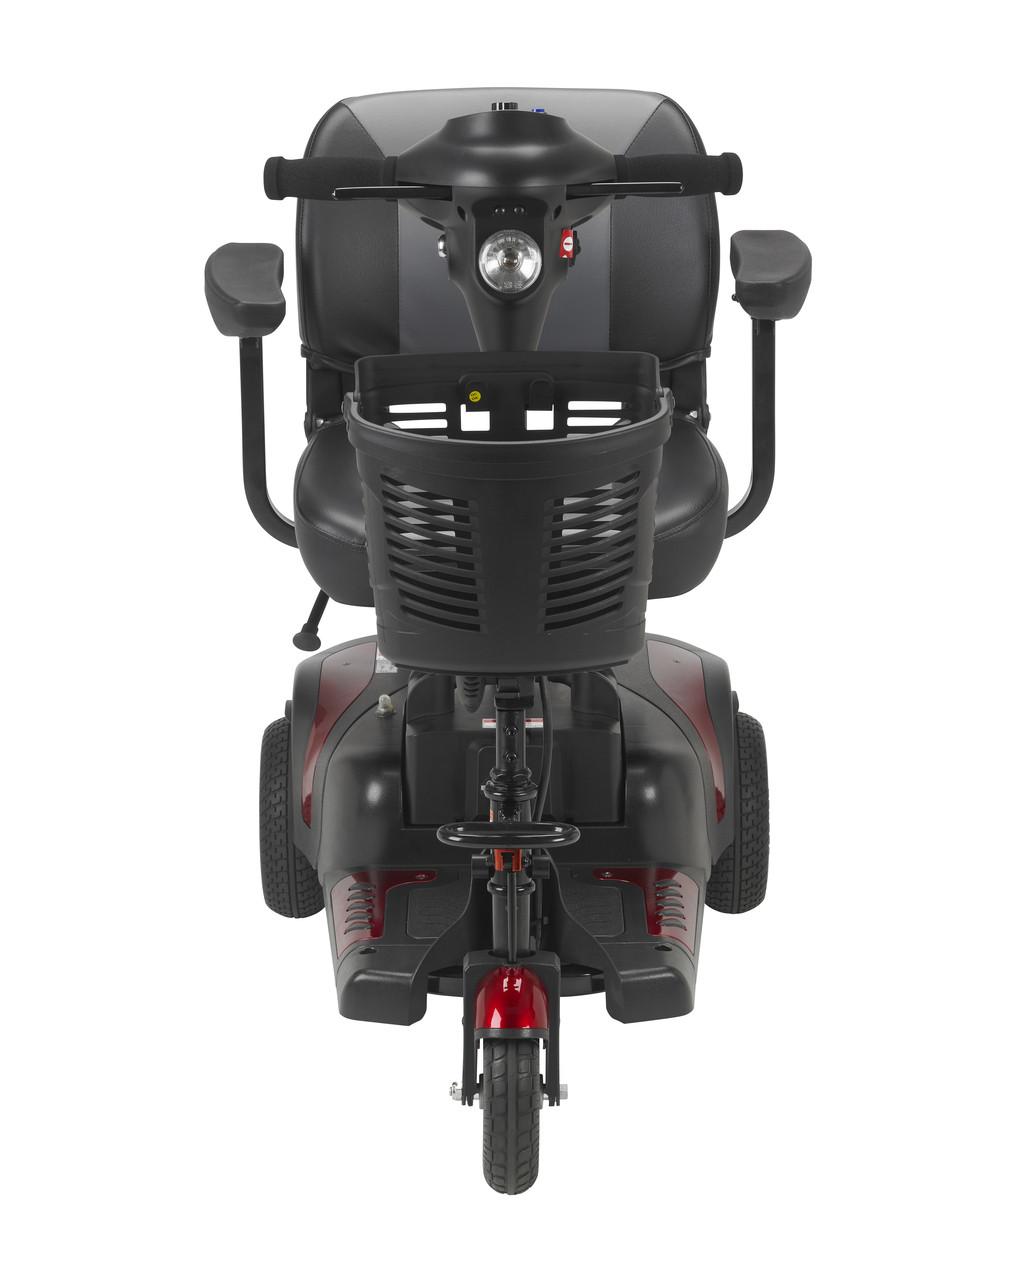 Phoenix 3 Wheel Heavy Duty Scooter Front